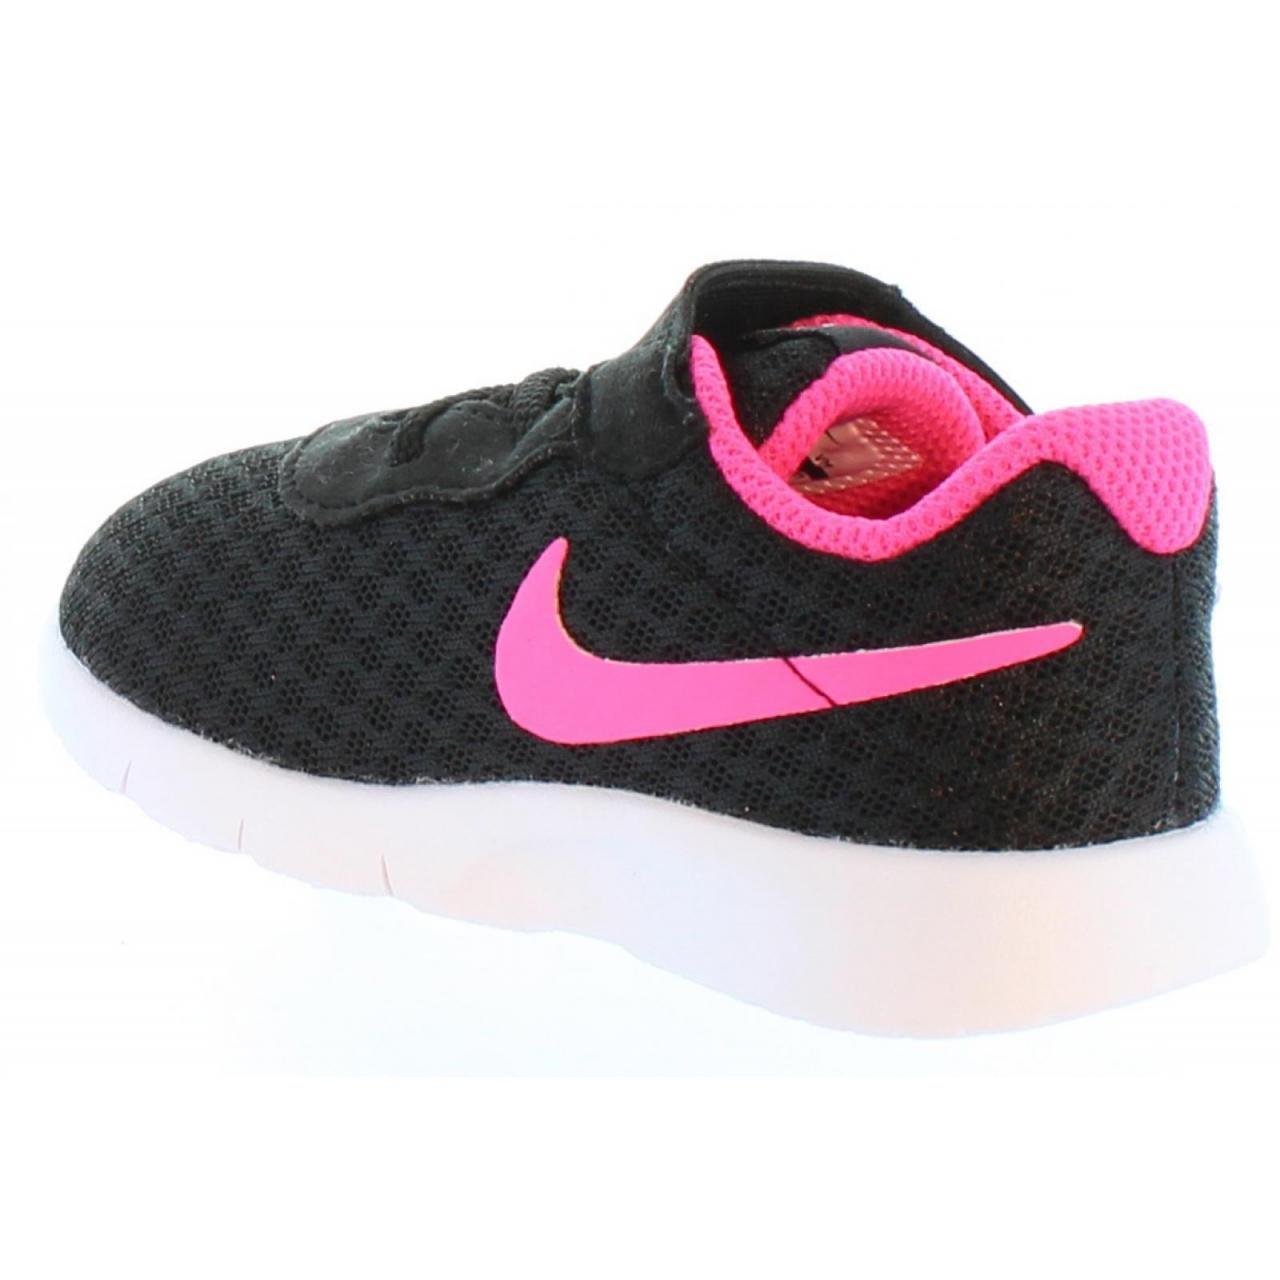 premium selection a5427 35992 NIKE Unisex Kids Tanjun (TDV) Low-Top Sneakers 818386